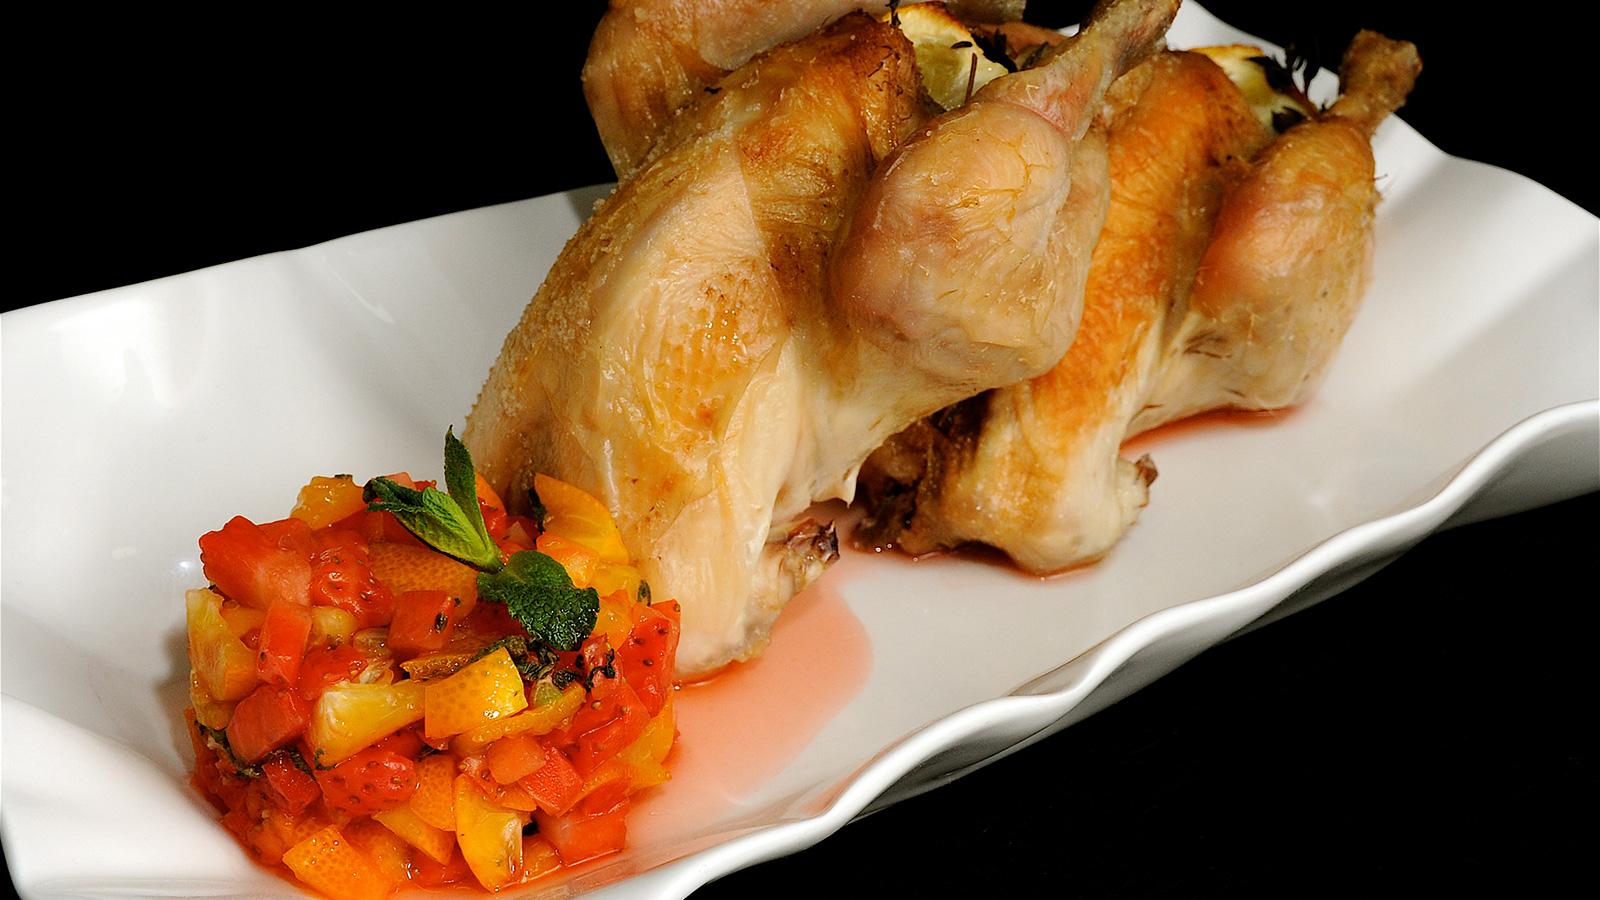 Picantones asados con alm bar de frutas diana cabrera receta canal cocina - Diana cabrera canal cocina ...